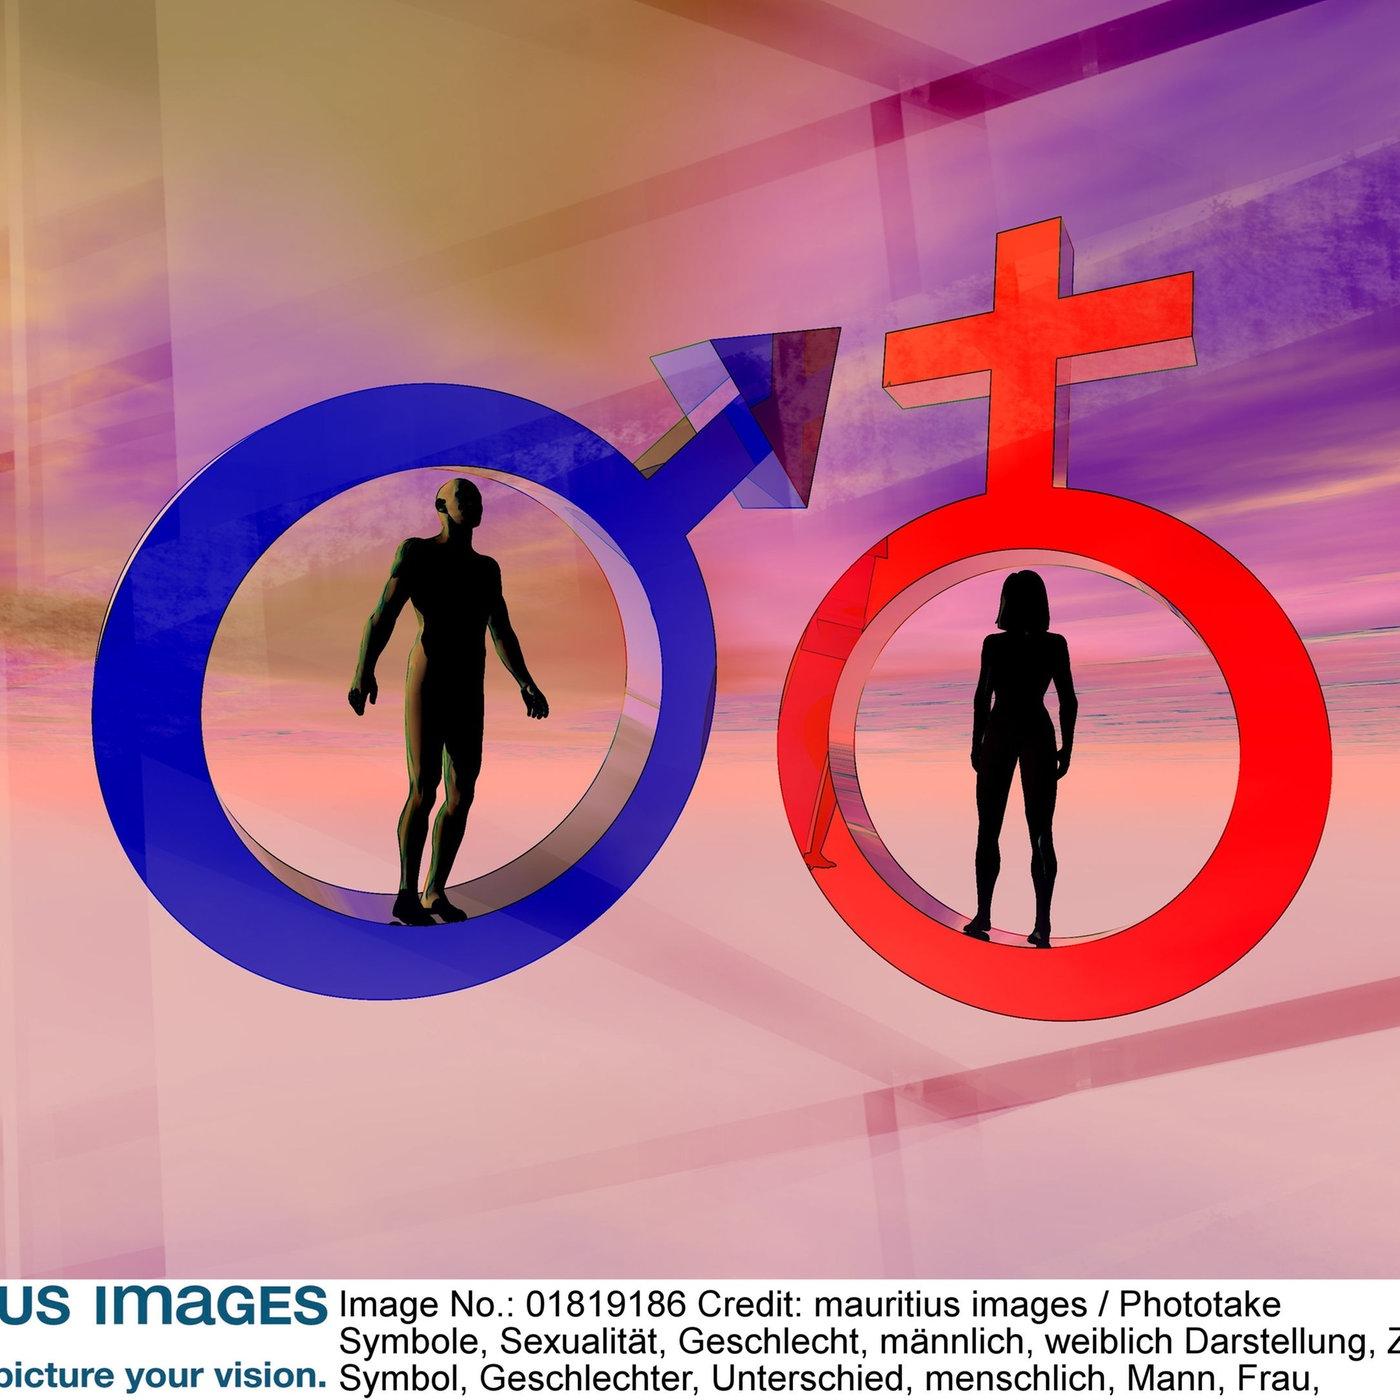 Wirkung hormone zu mann frau Transsexualität: Der